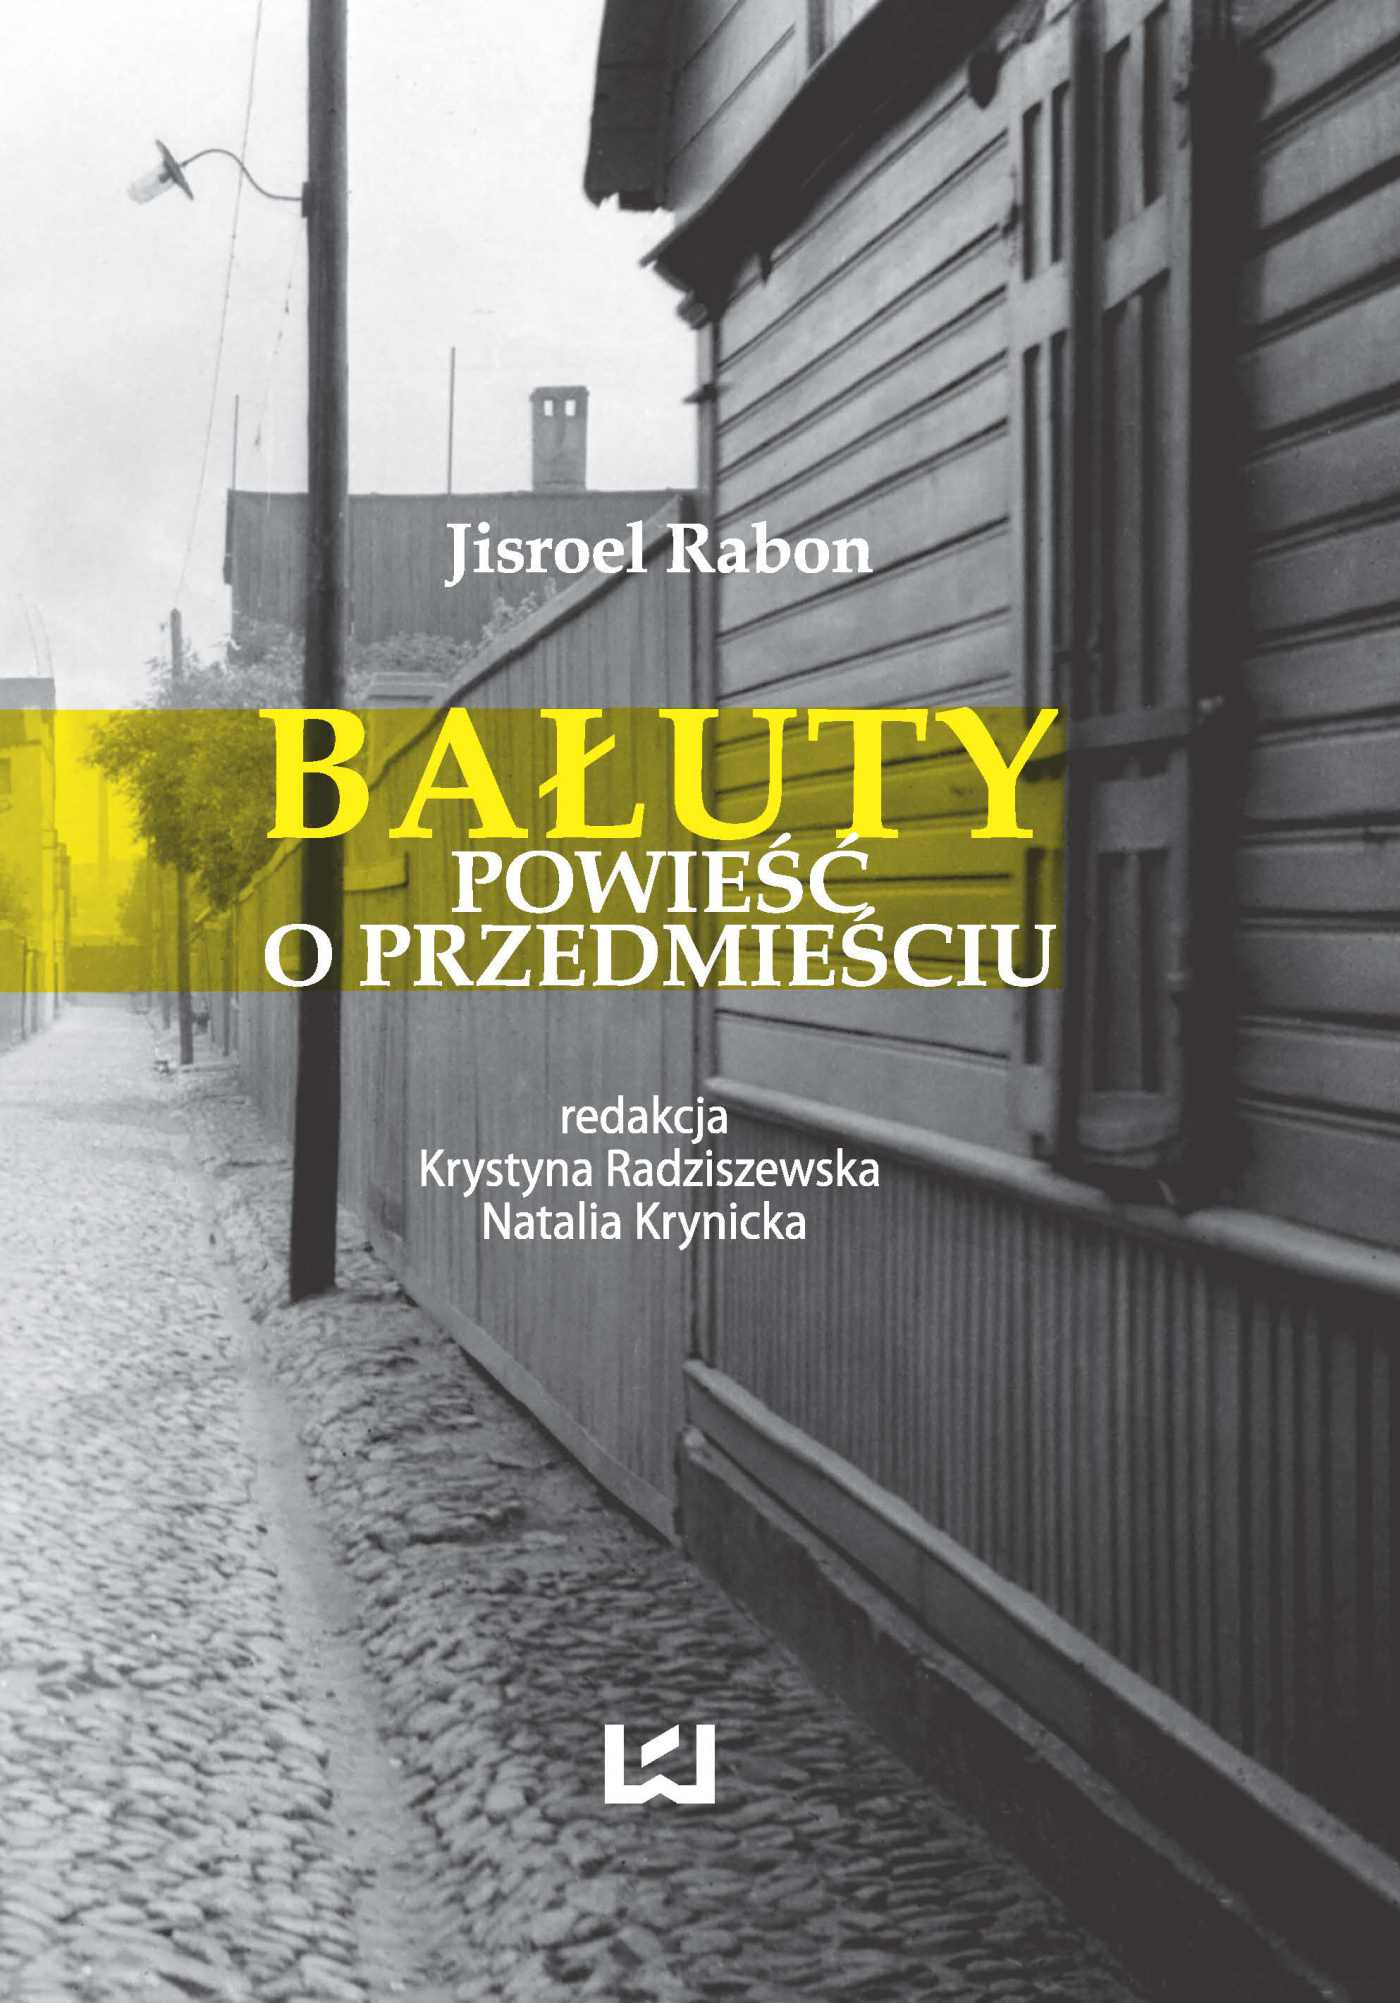 Bałuty. Powieść o przedmieściu - Ebook (Książka PDF) do pobrania w formacie PDF